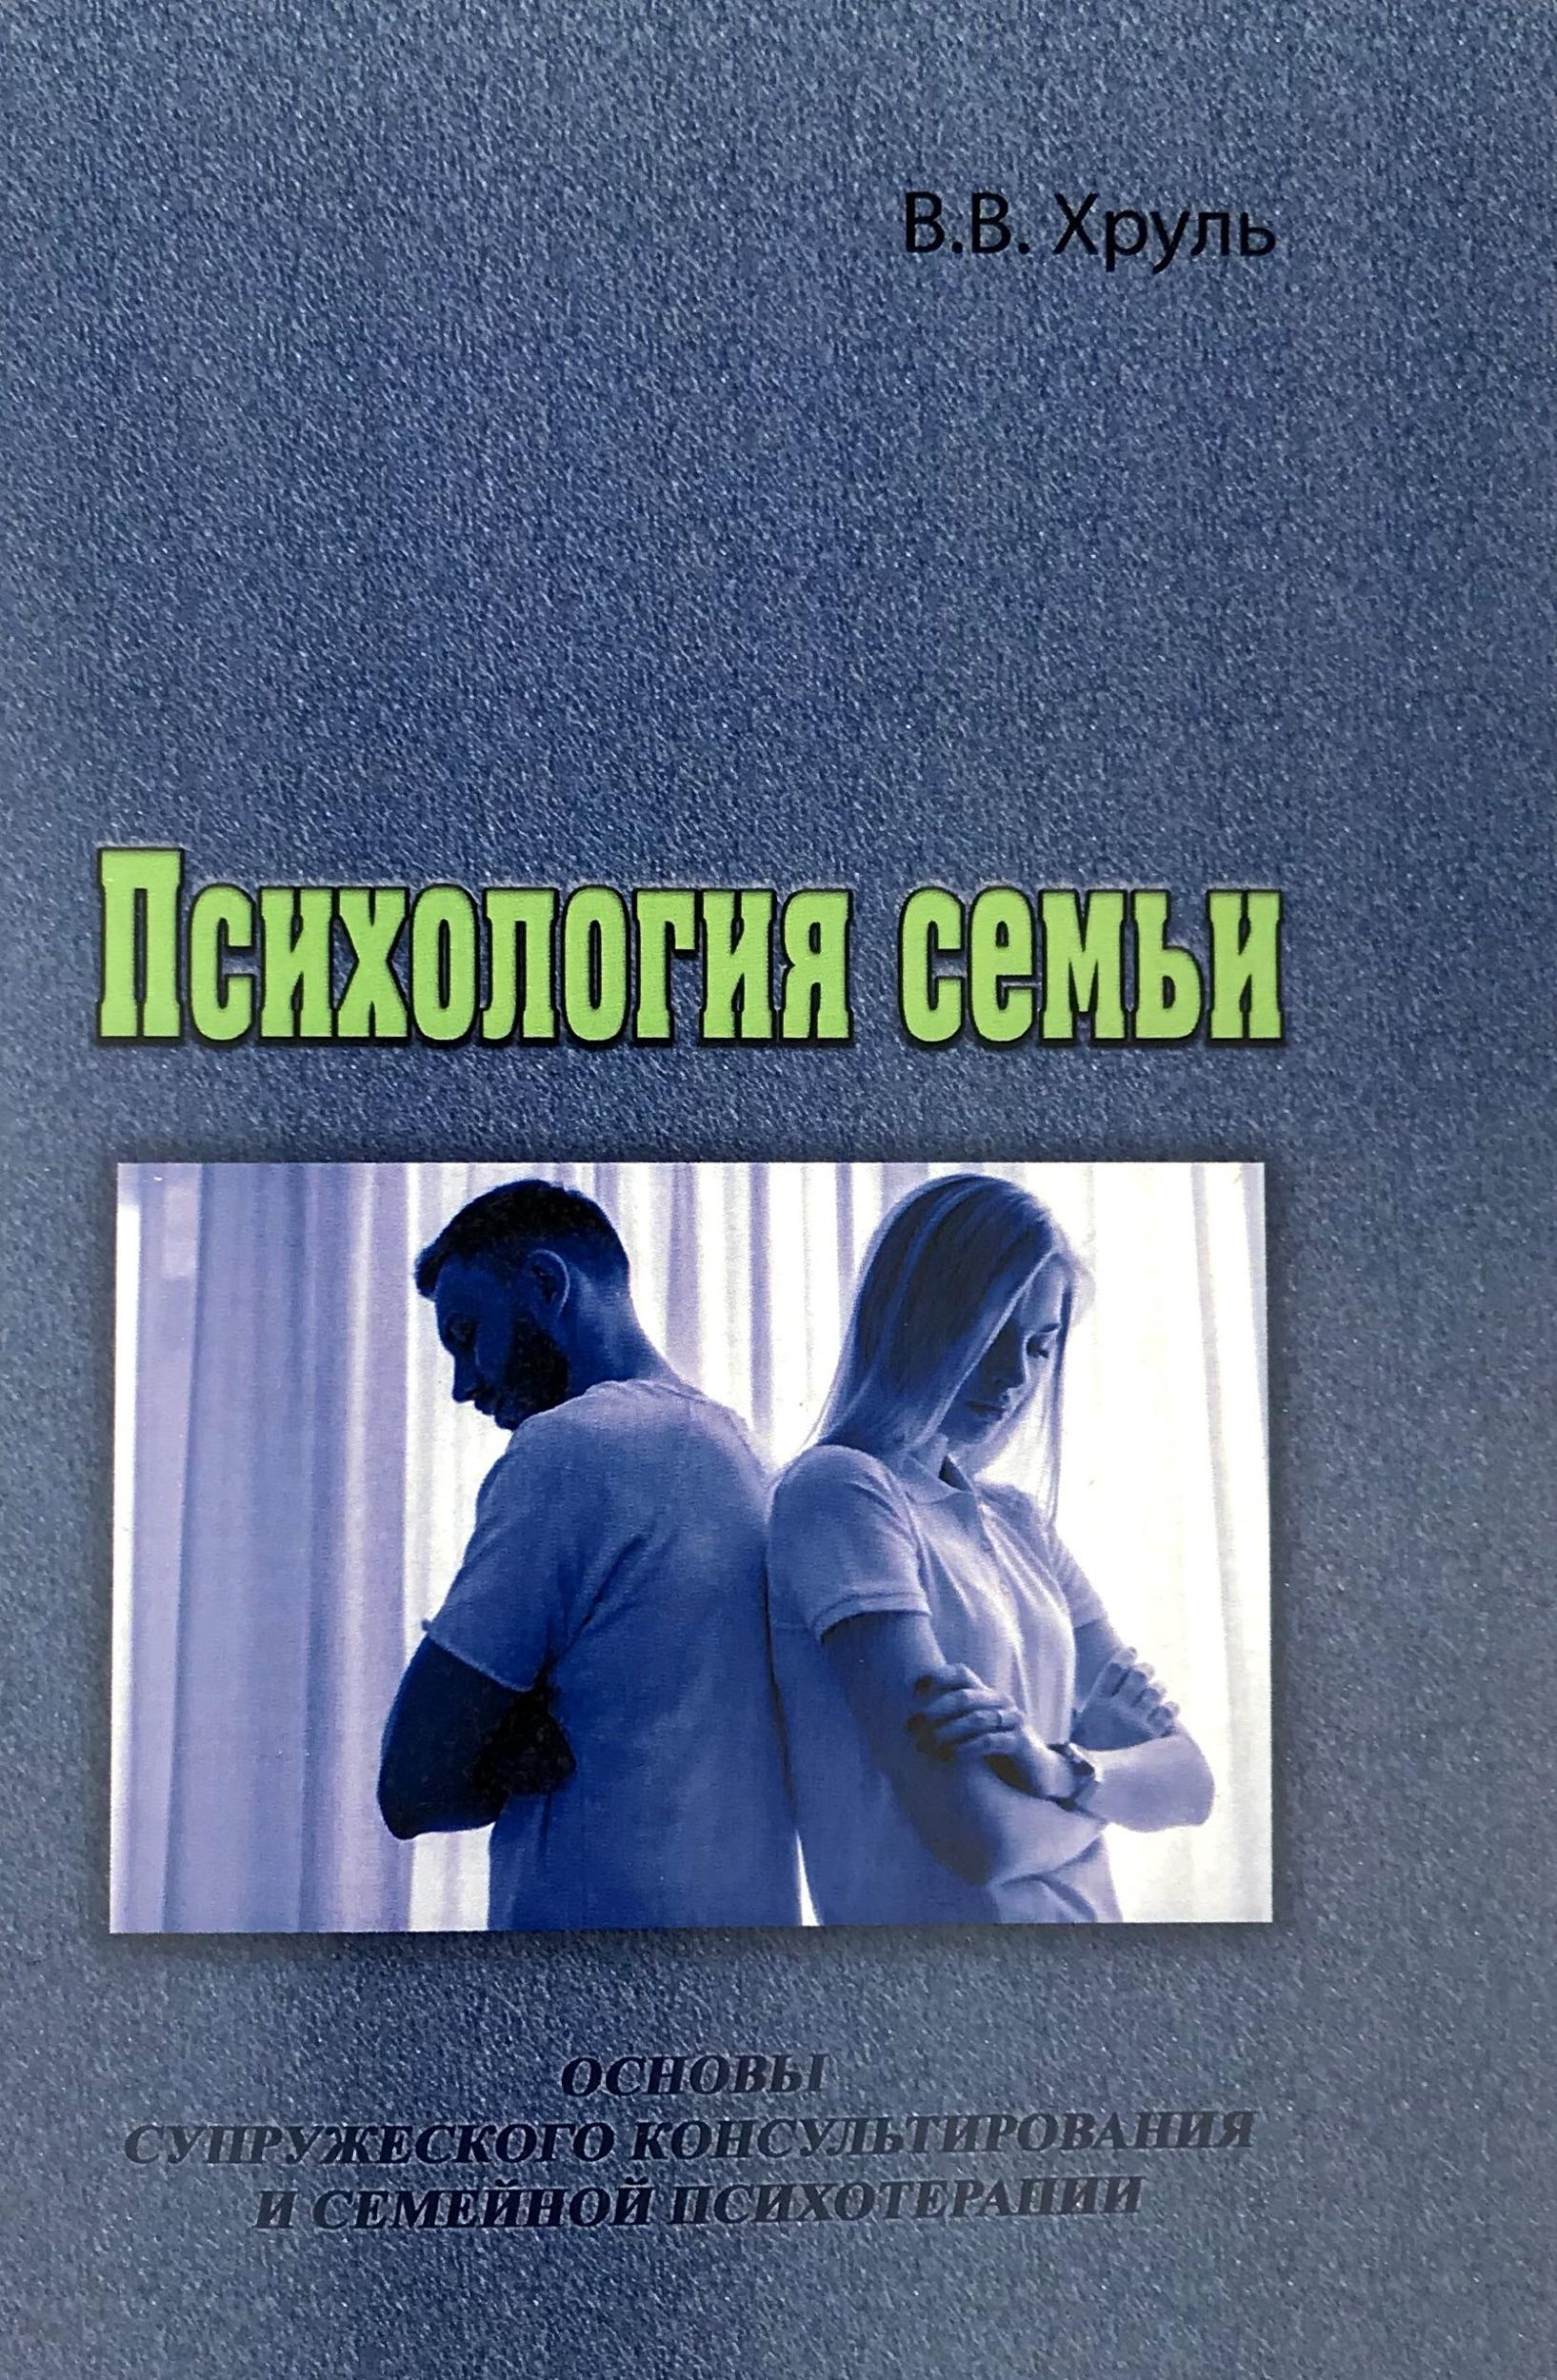 Психология семьи. Основы супружеского консультирования и семейной психотерапии. Автор — В.В. Хруль. Переплет —